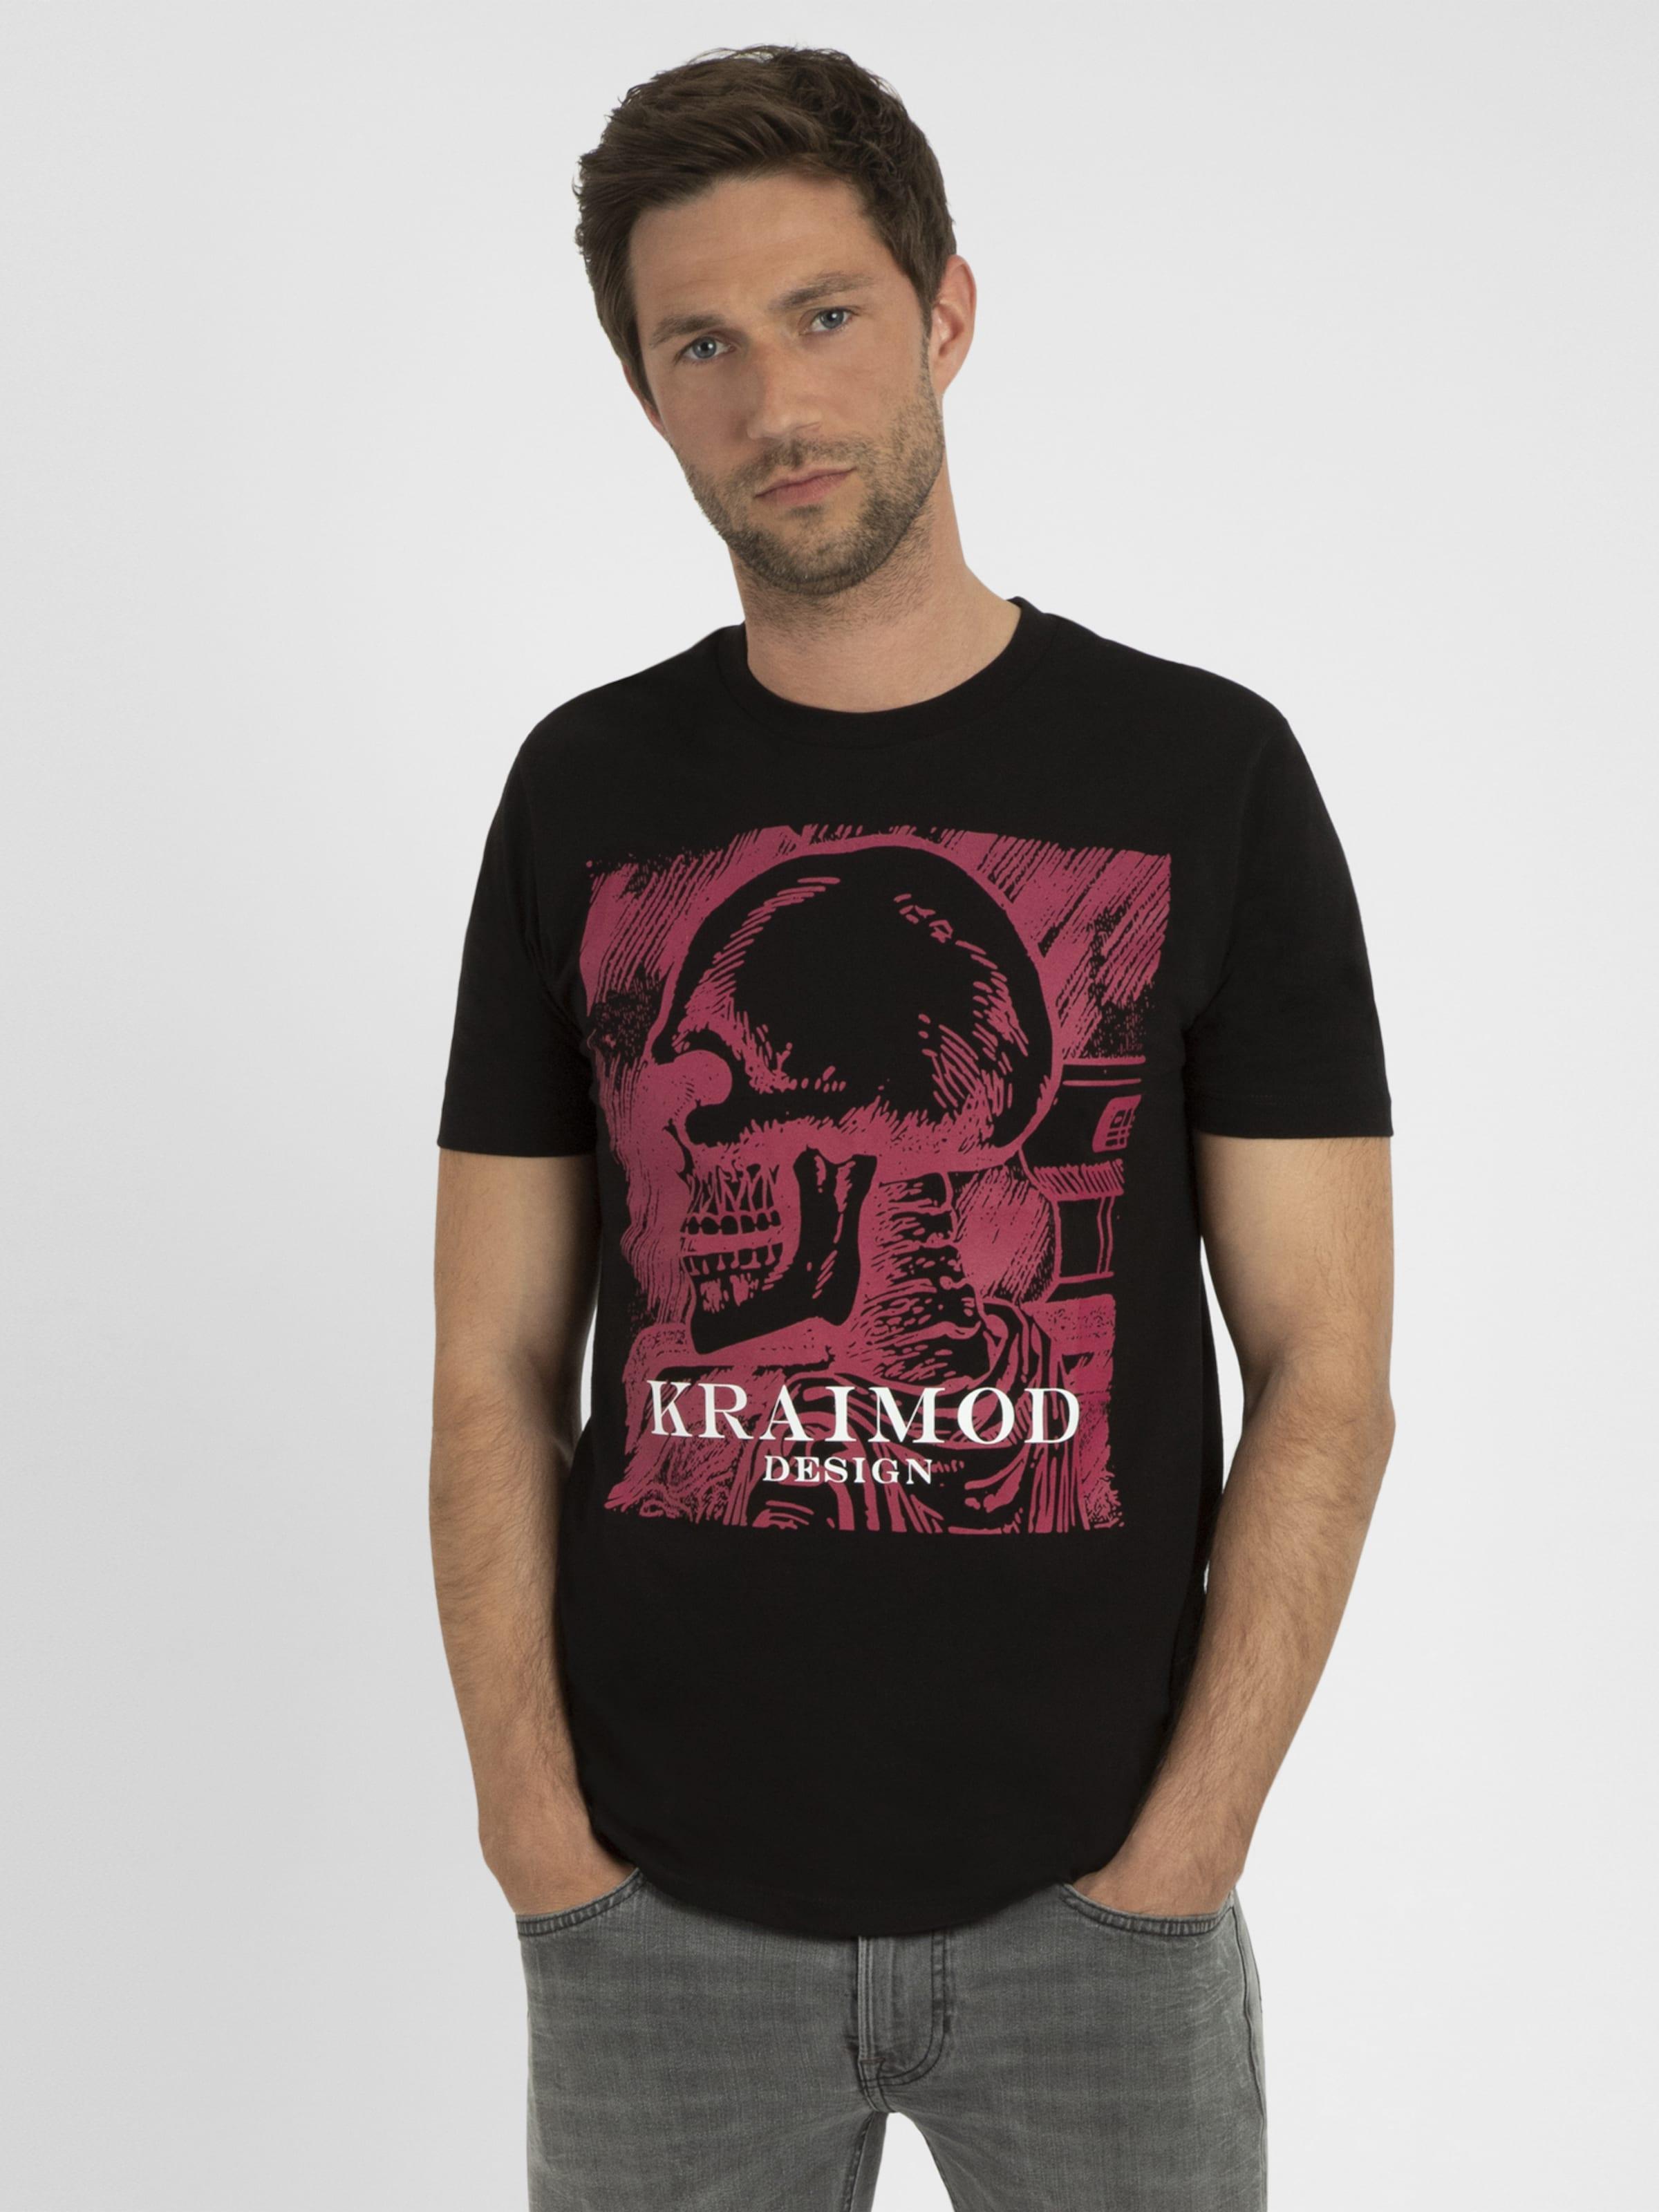 APART T-Shirt in schwarz Baumwolle 4053041341027